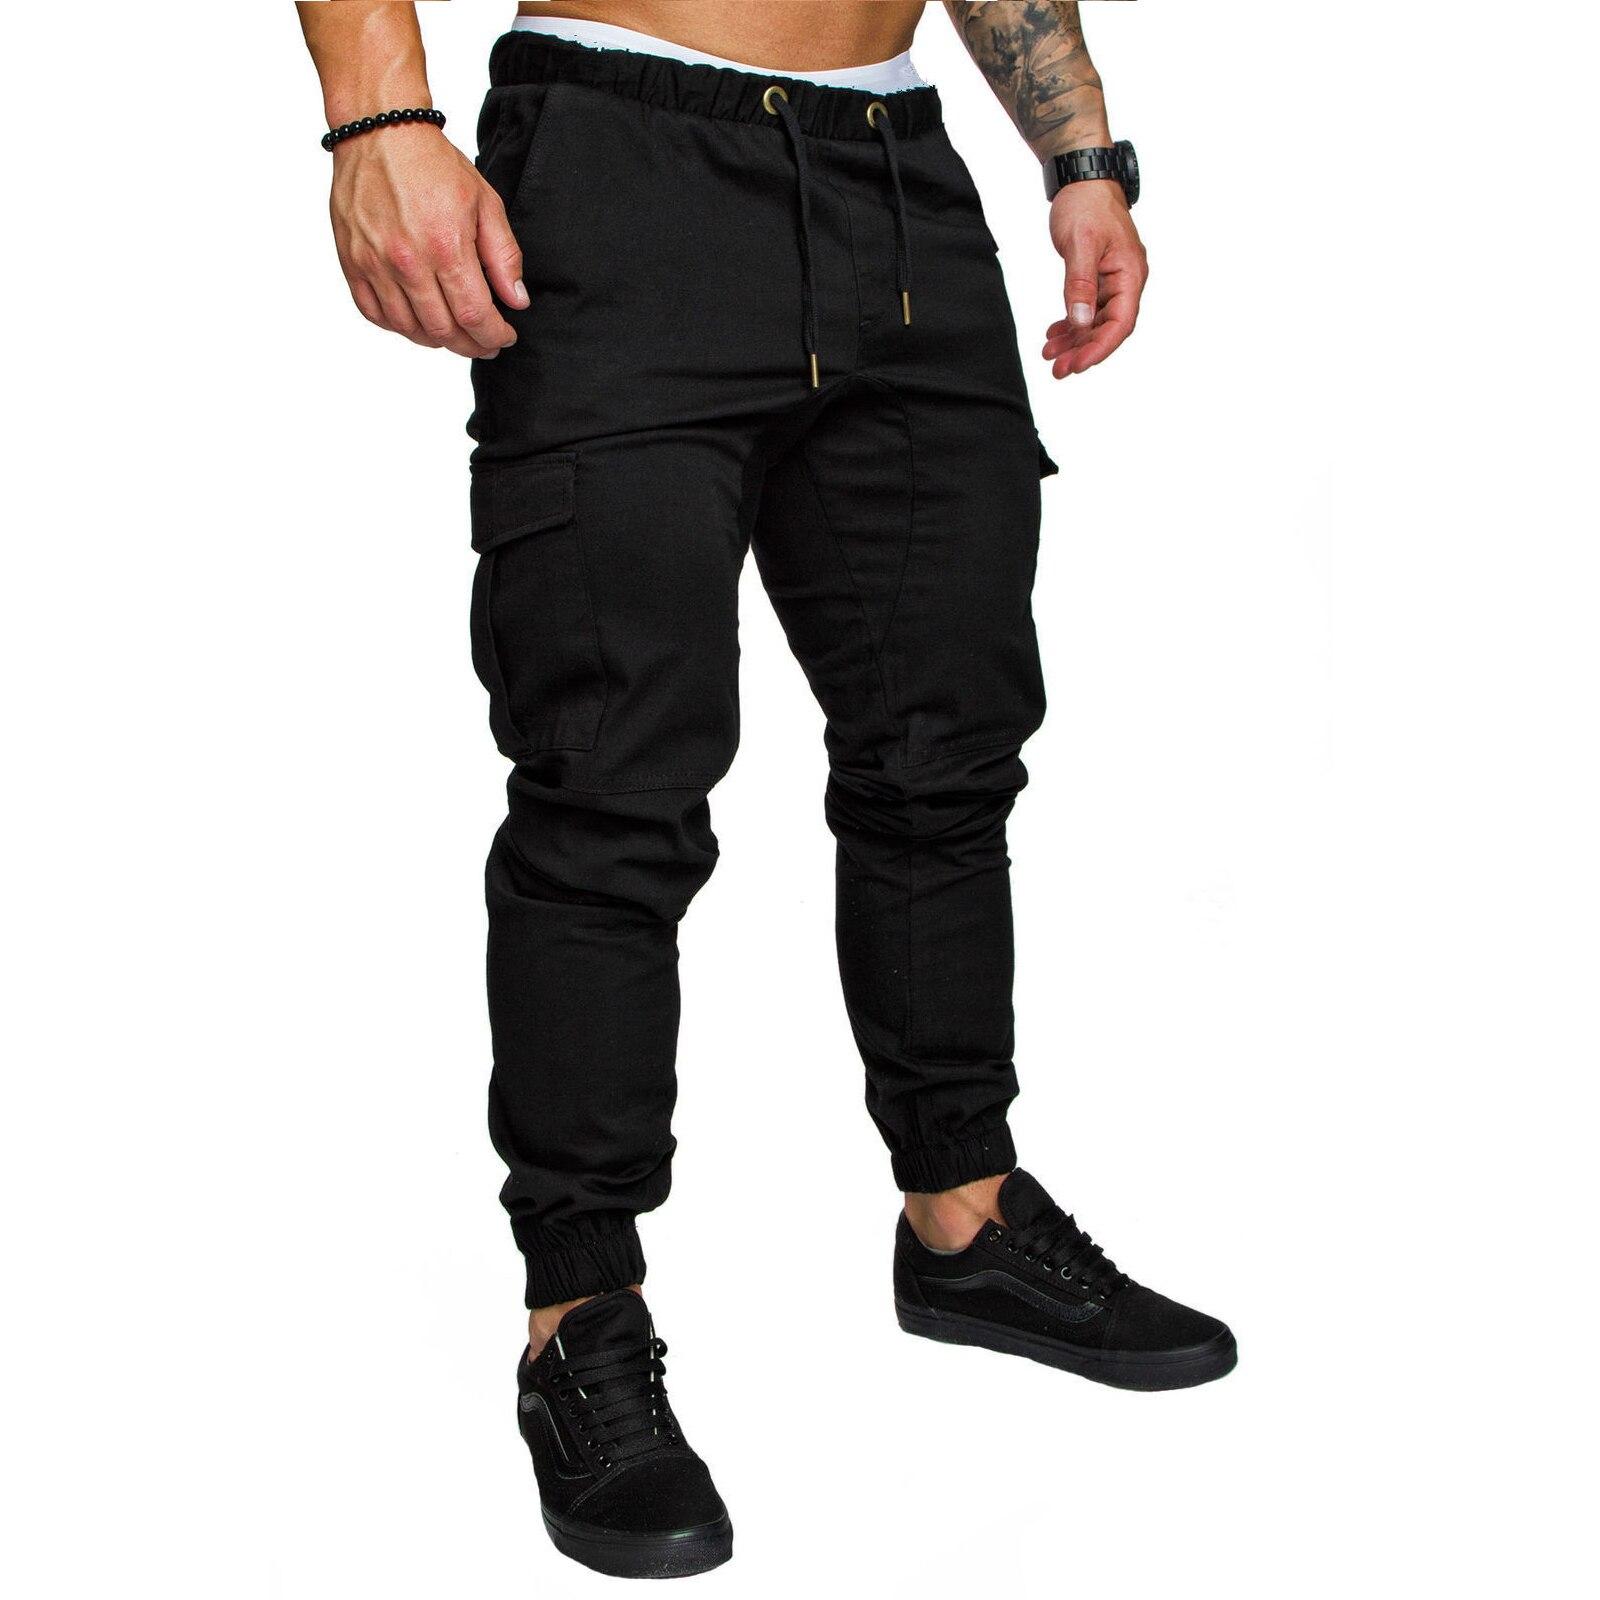 Мужские мешковатые брюки, повседневные эластичные мужские брюки на шнуровке, мужские брюки с открытым сиденьем, мужские брюки, 2021